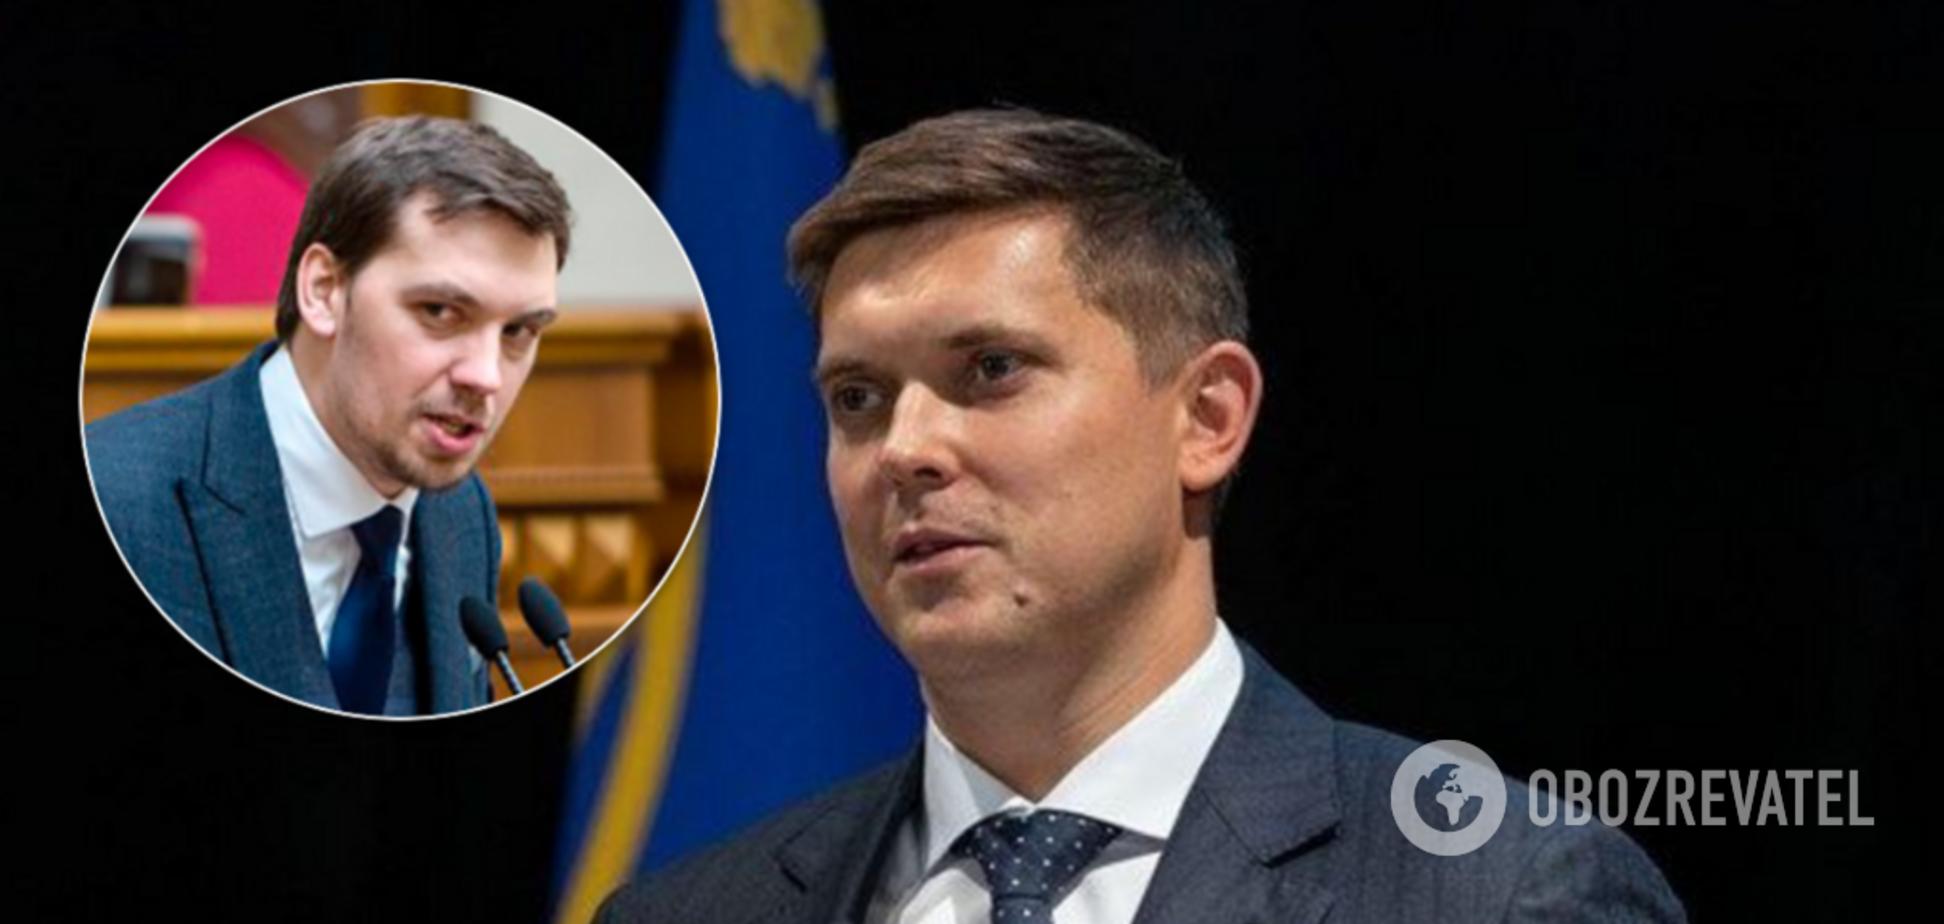 Глава Одесской ОГА оконфузился 'кражей' у Гончарука